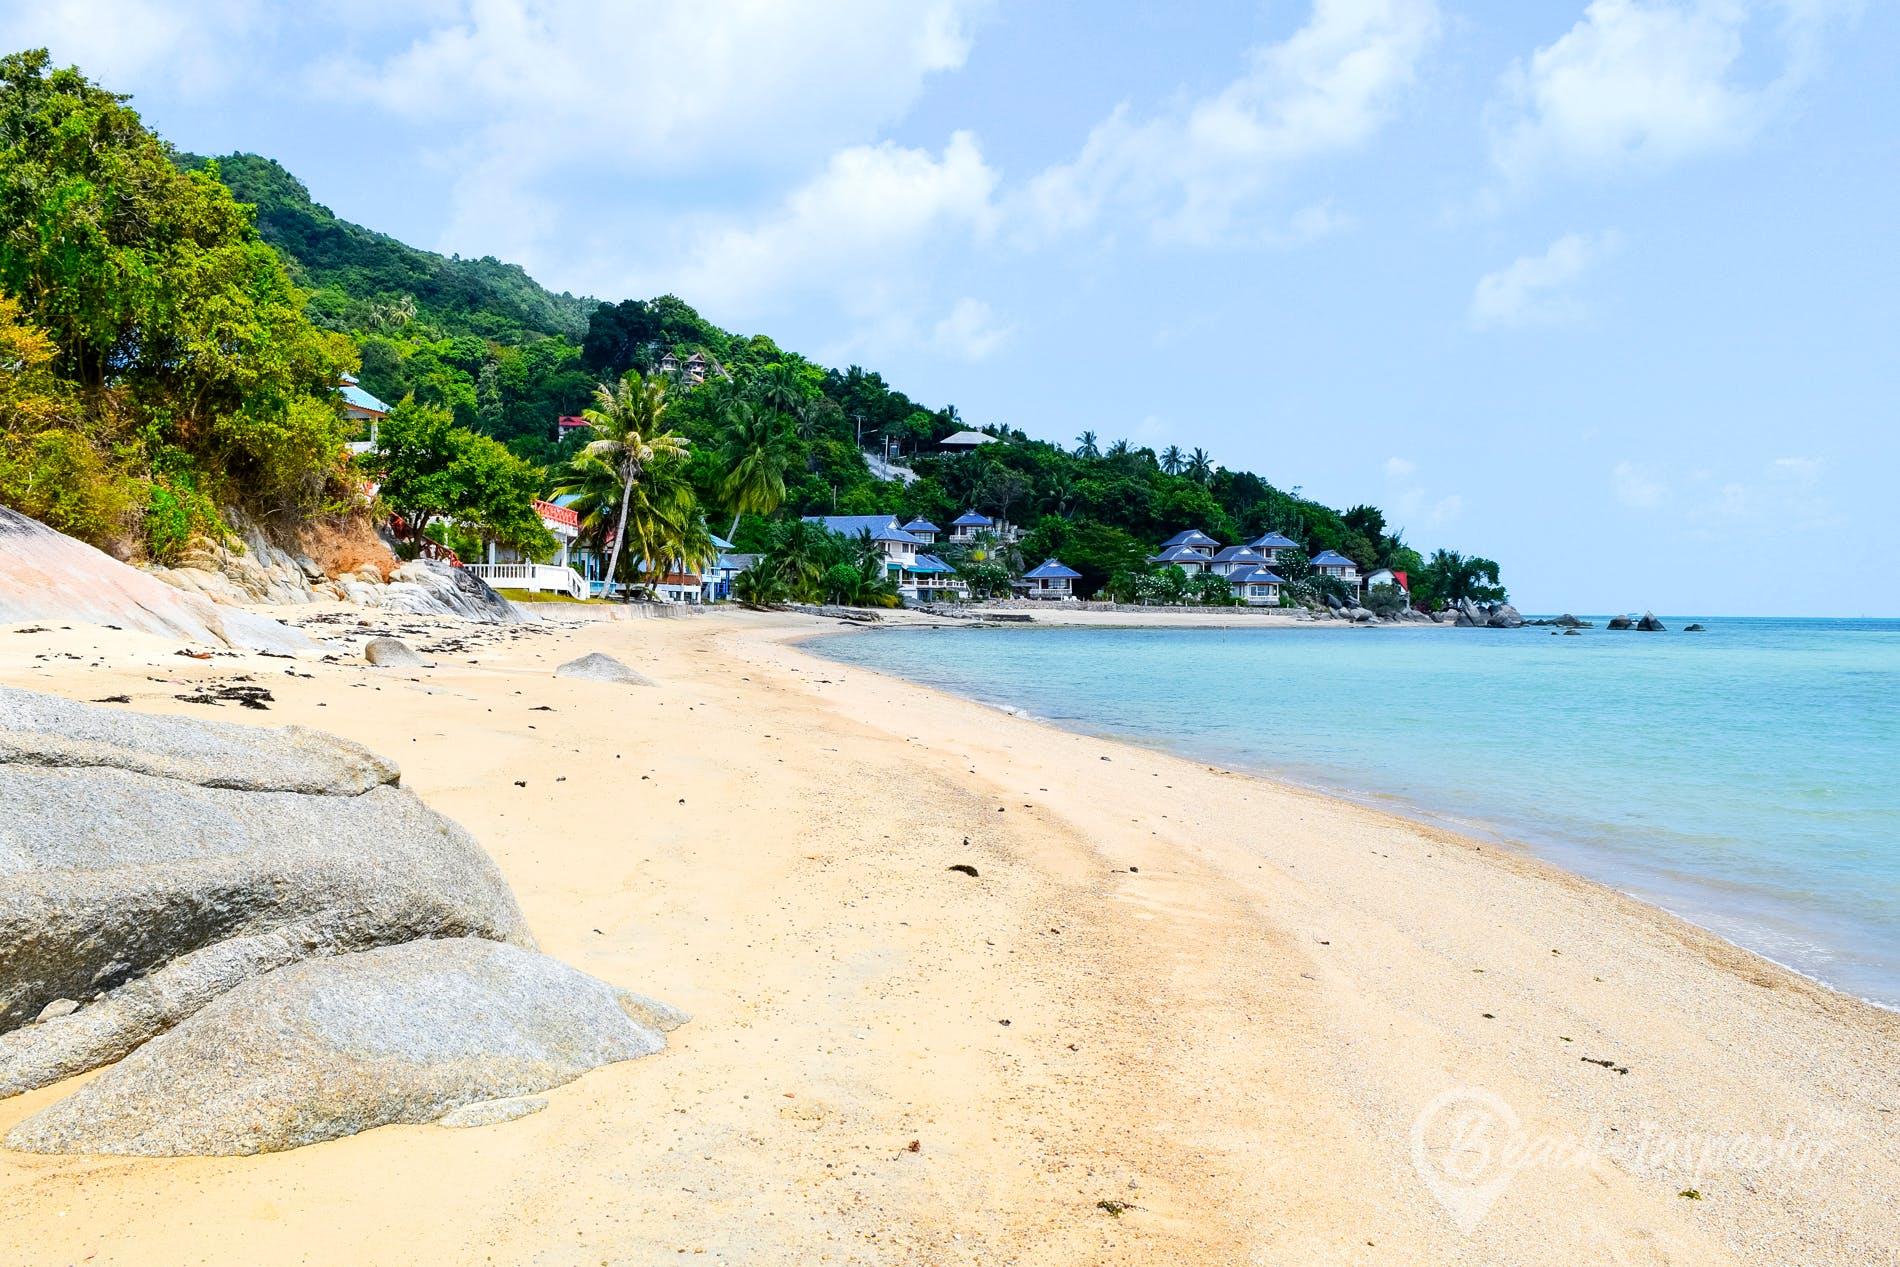 Beach Baan Kai Beach, Koh Phangan, Thailand